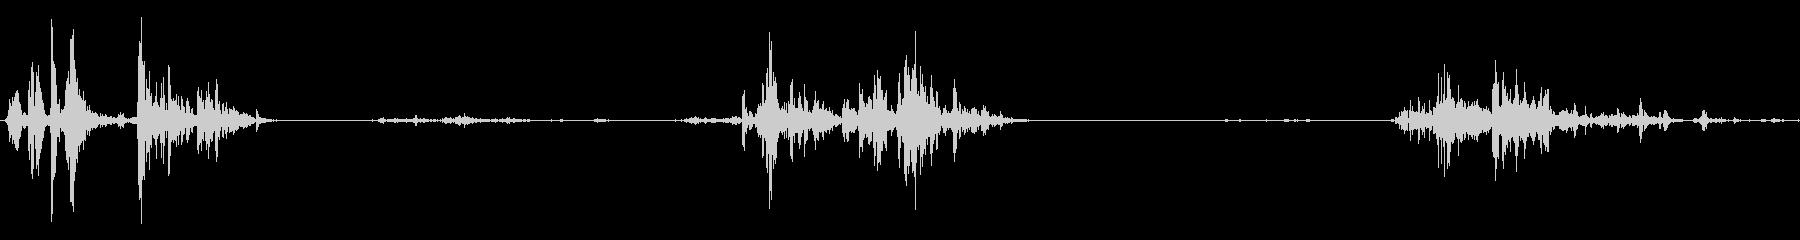 食べる音06(ポテトチップスなど)の未再生の波形